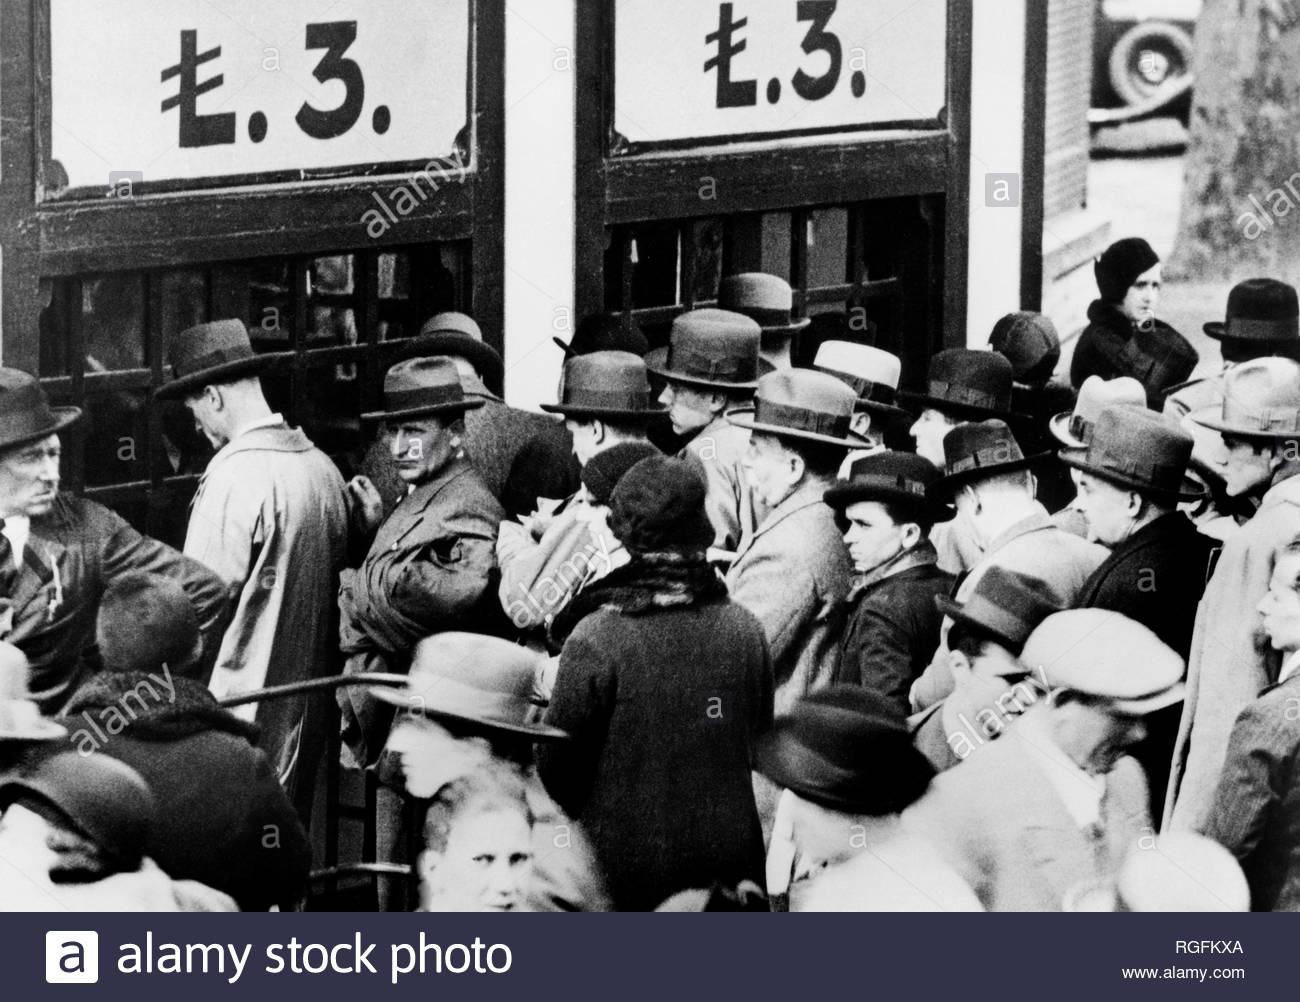 Fiera Campionaria edizione 1932. 3 £ Lire per l'accesso al pubblico...